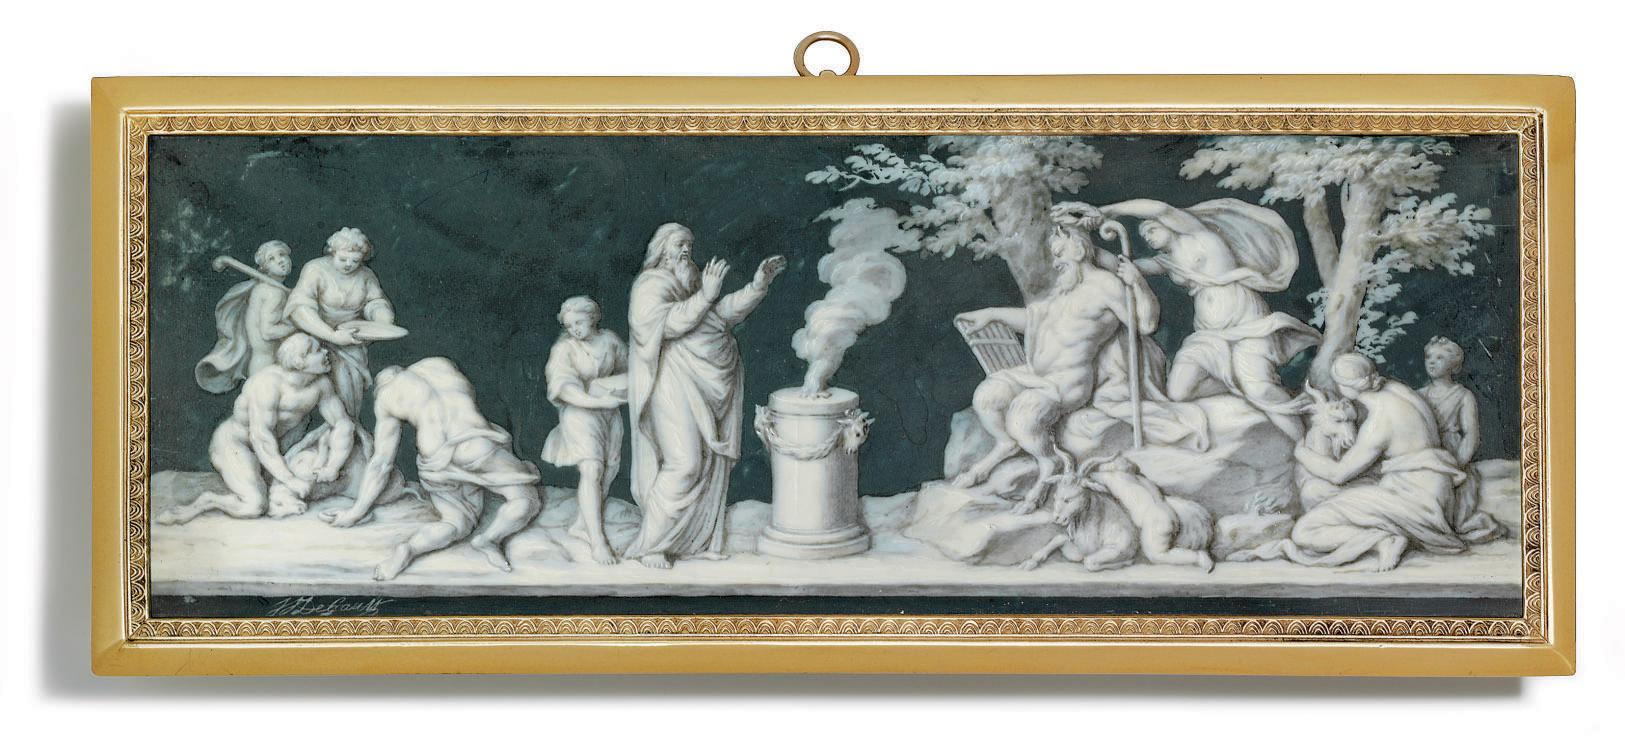 JACQUES-JOSEPH DE GAULT (FRENCH, 1738-1817)